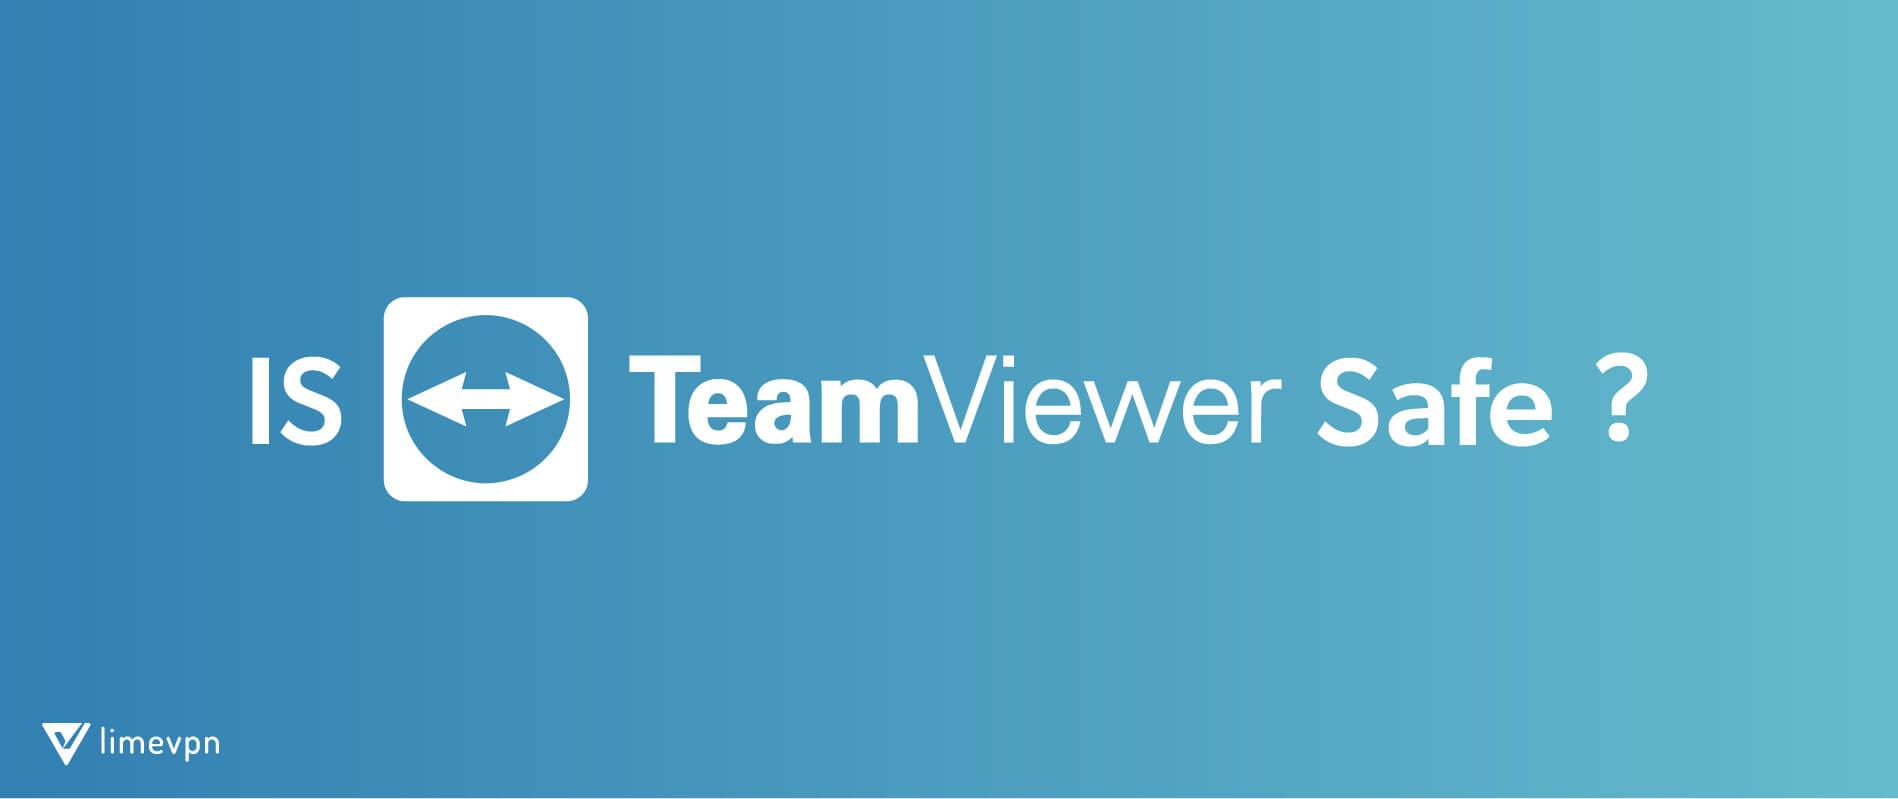 Is Team Viewer safe